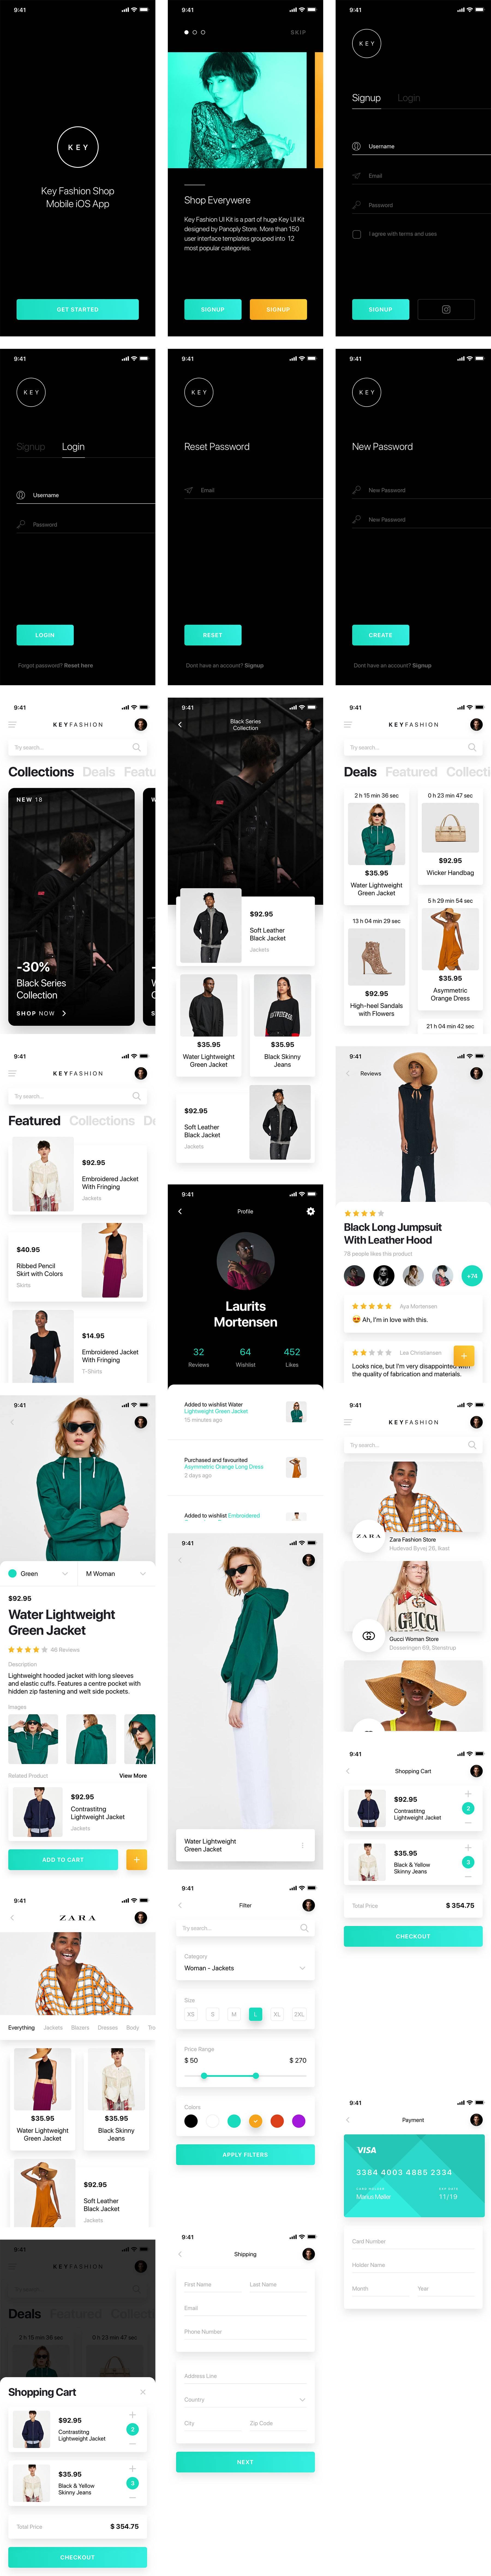 时尚电商app ui模板.sketch素材下载 界面-第1张